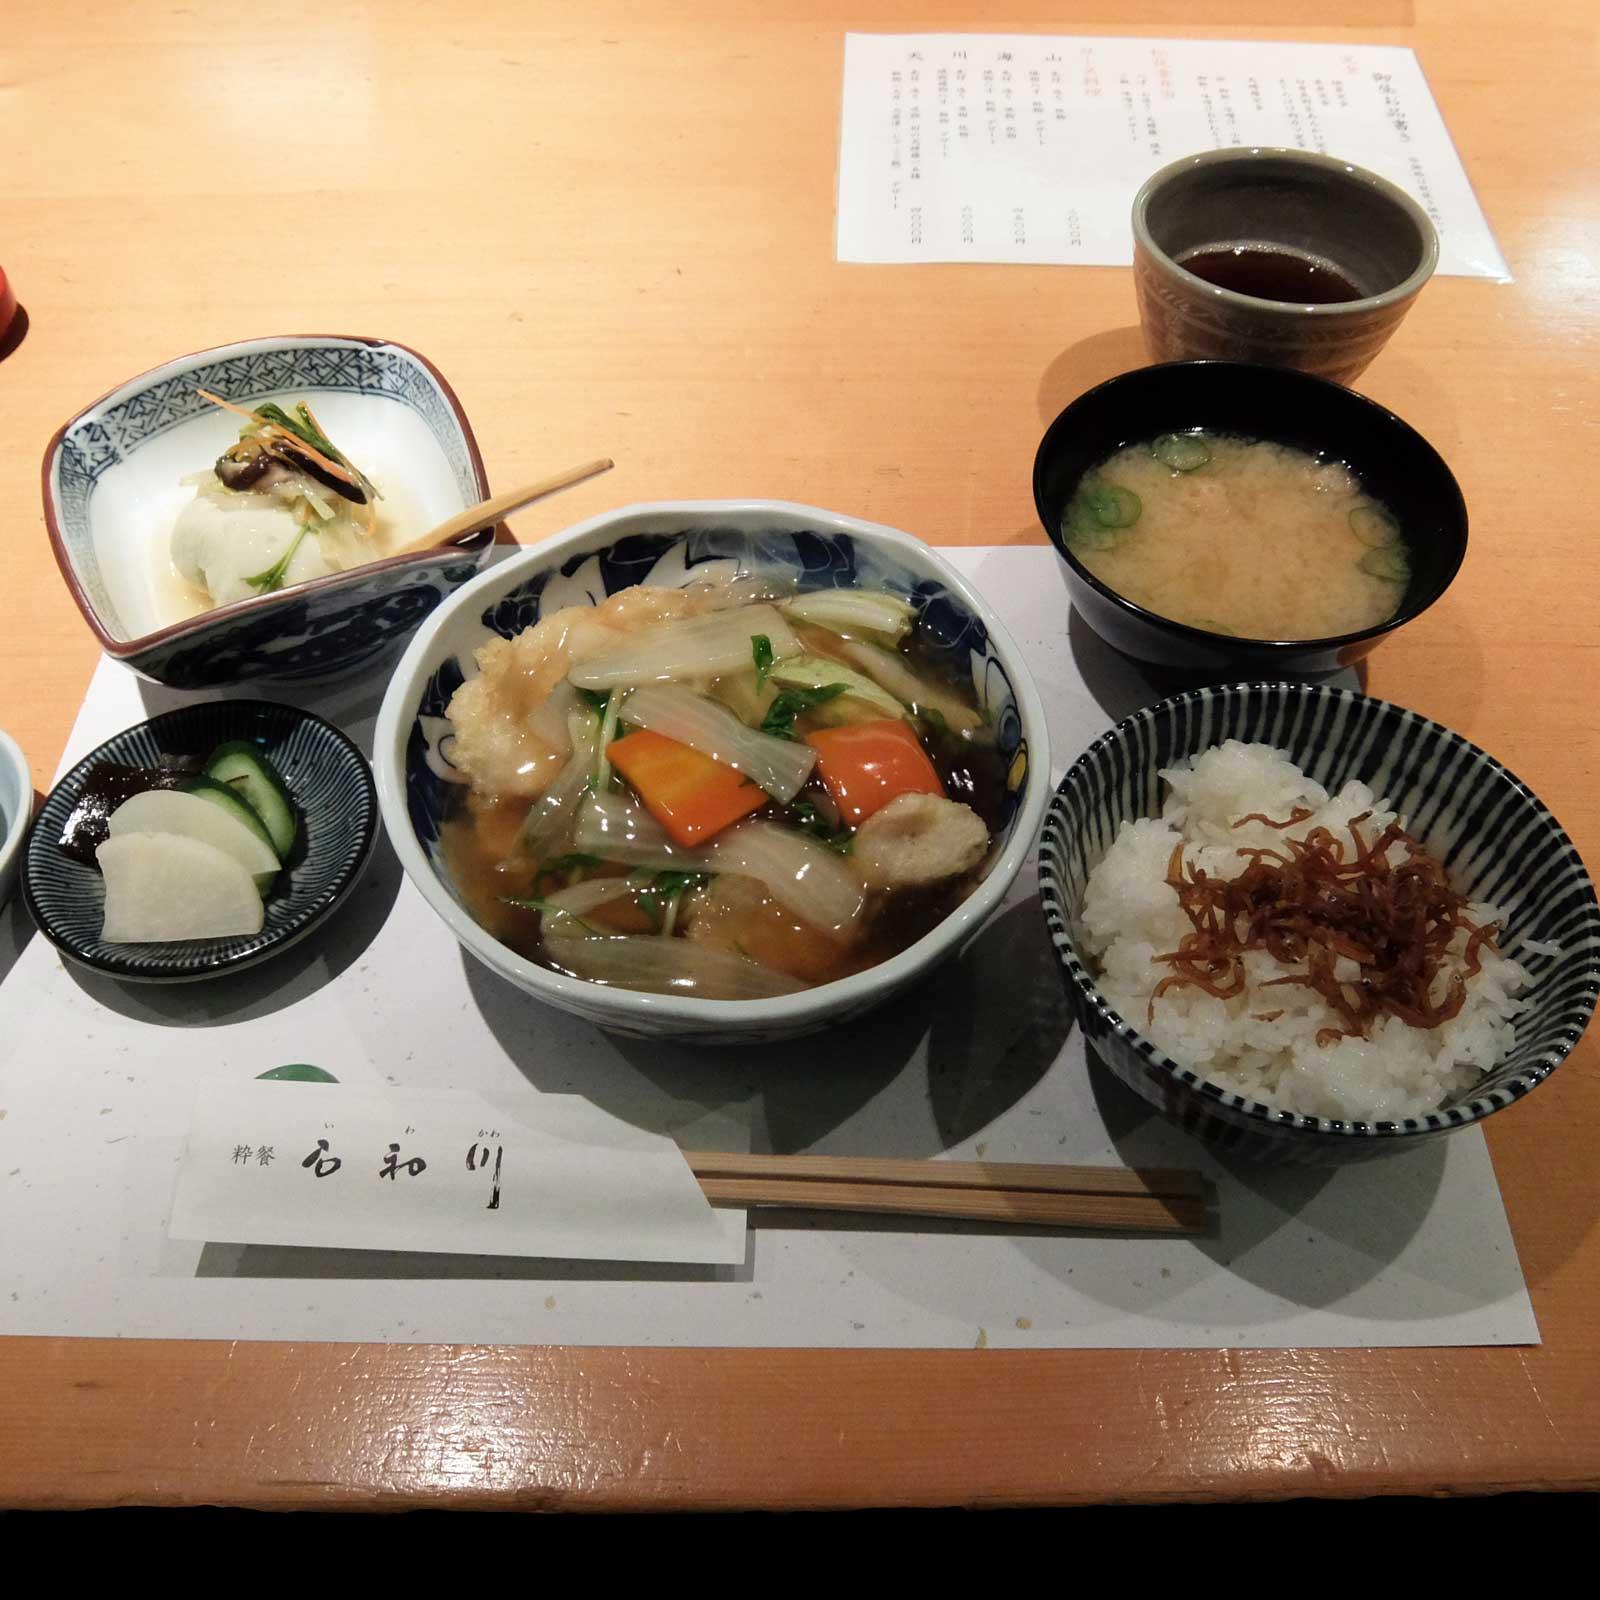 白身魚野菜あんかけ定食「粋餐 石和川」in 北新地 梅田 大阪